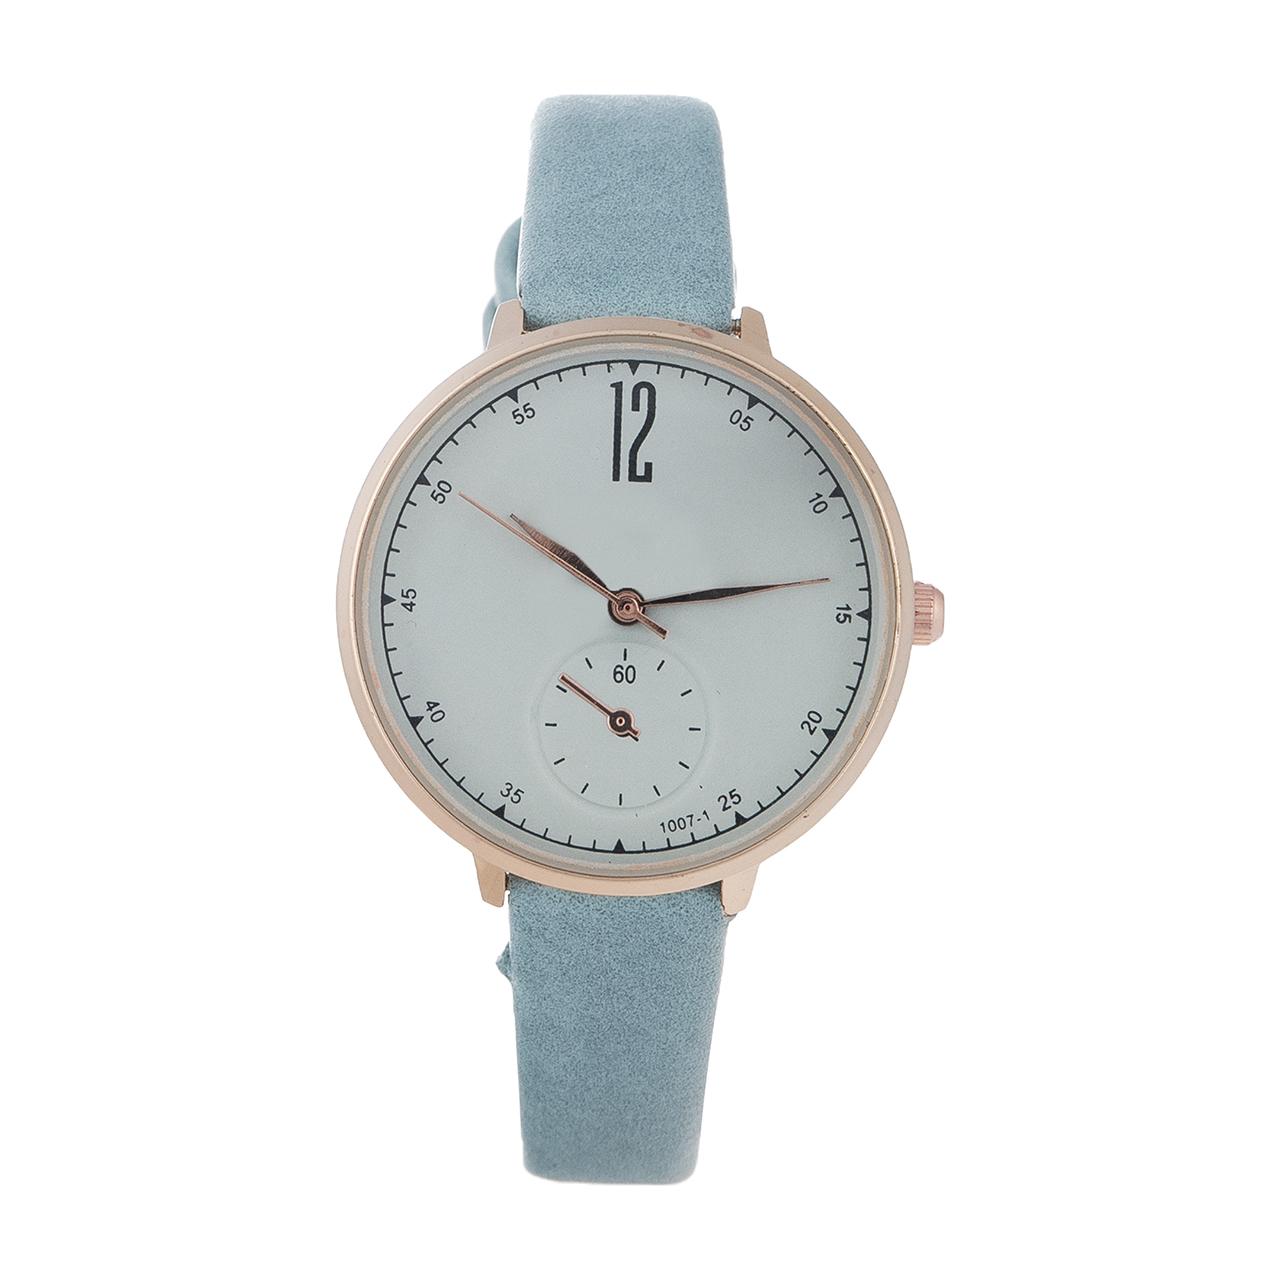 ساعت مچی عقربه ای زنانه دیکایهونگ مدل DW4 کد 1007 55